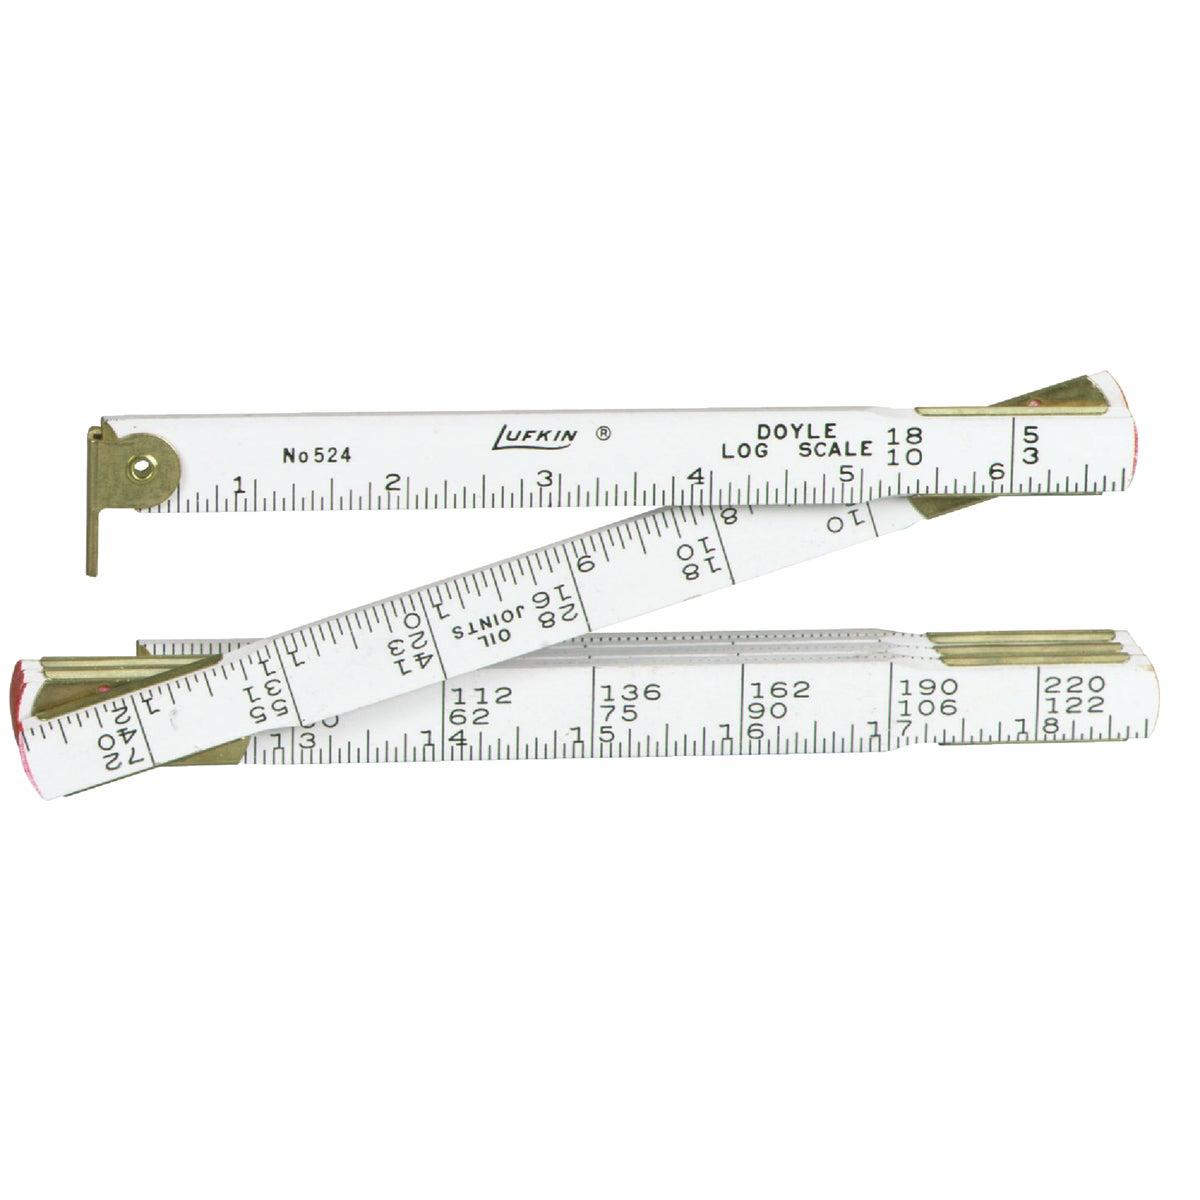 4' LOG SCALE RULE - 524N by Apex Tool Group